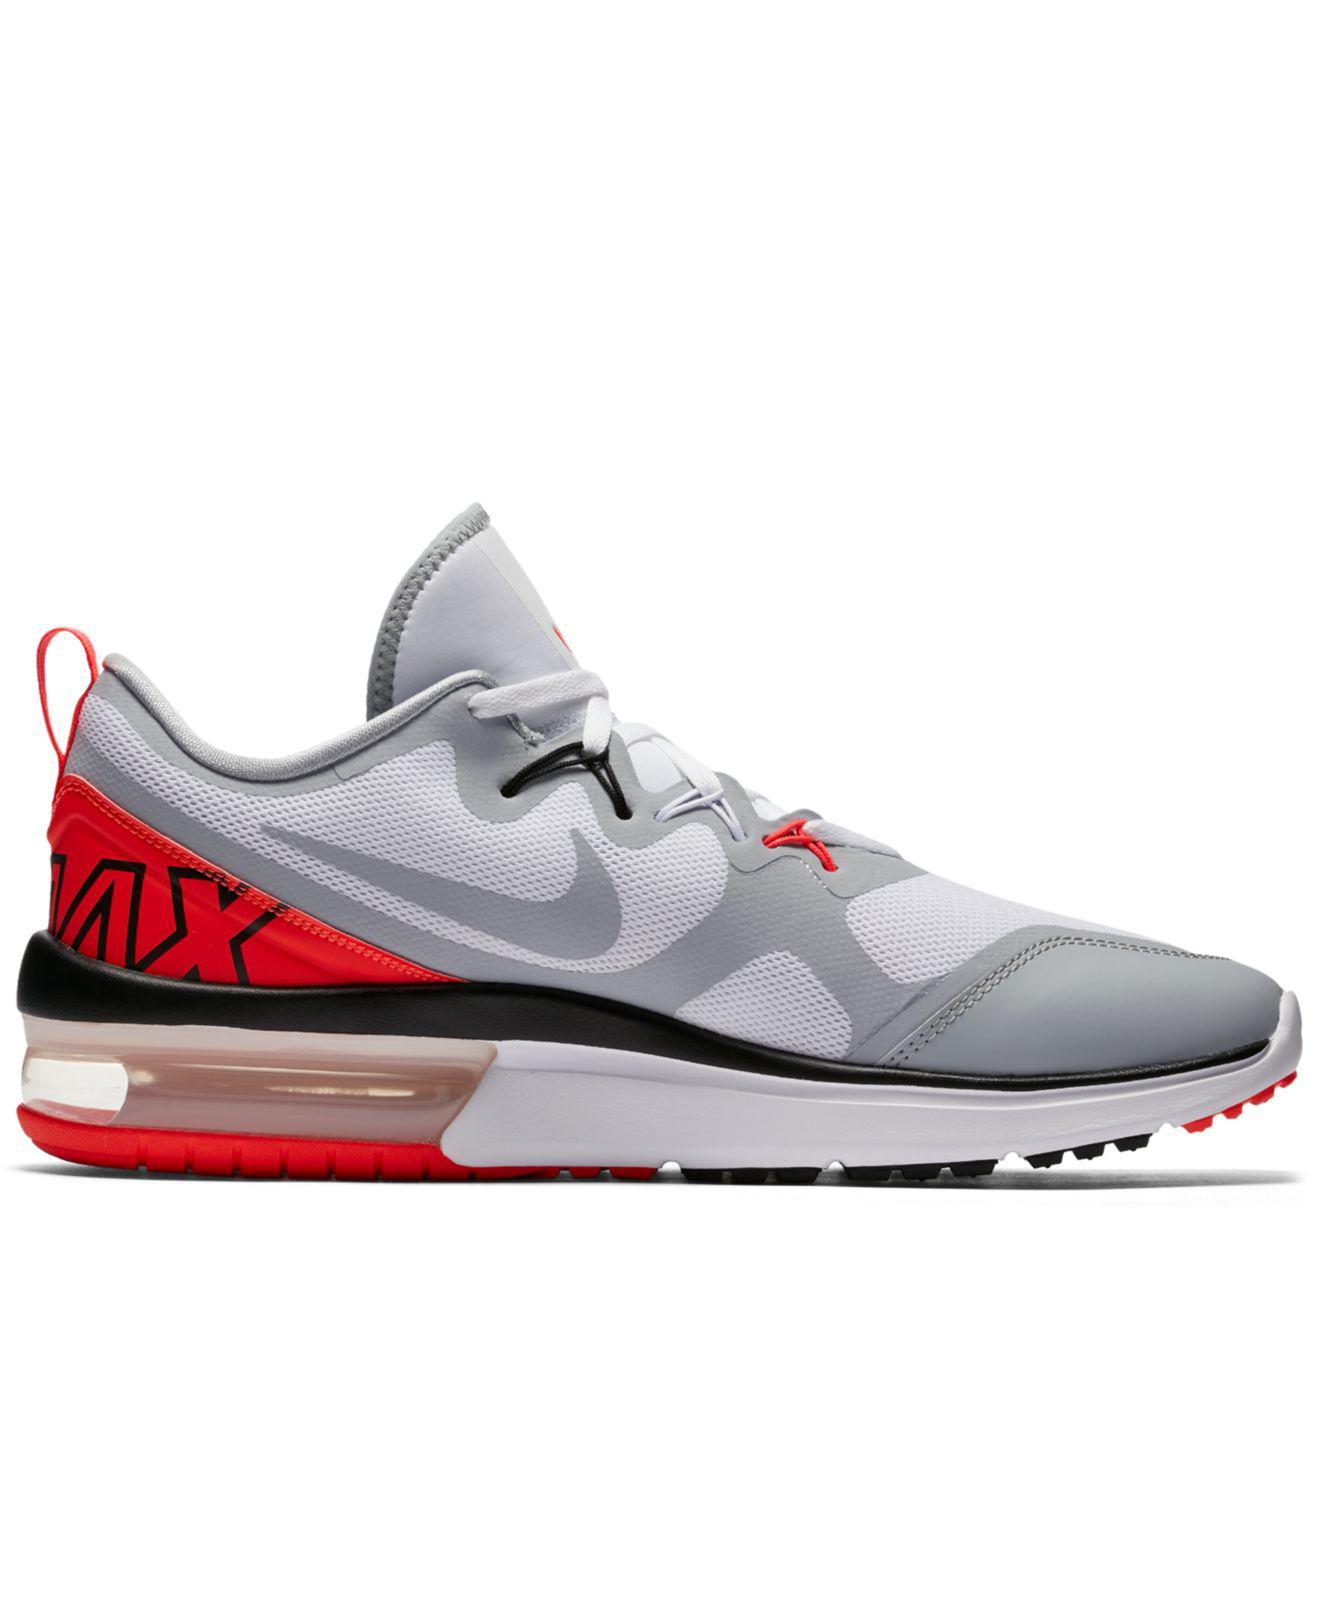 fe2d3411403 Gallery. Previously sold at  Macy s · Men s Nike Jordan Horizon Men s Nike  Air Max ...